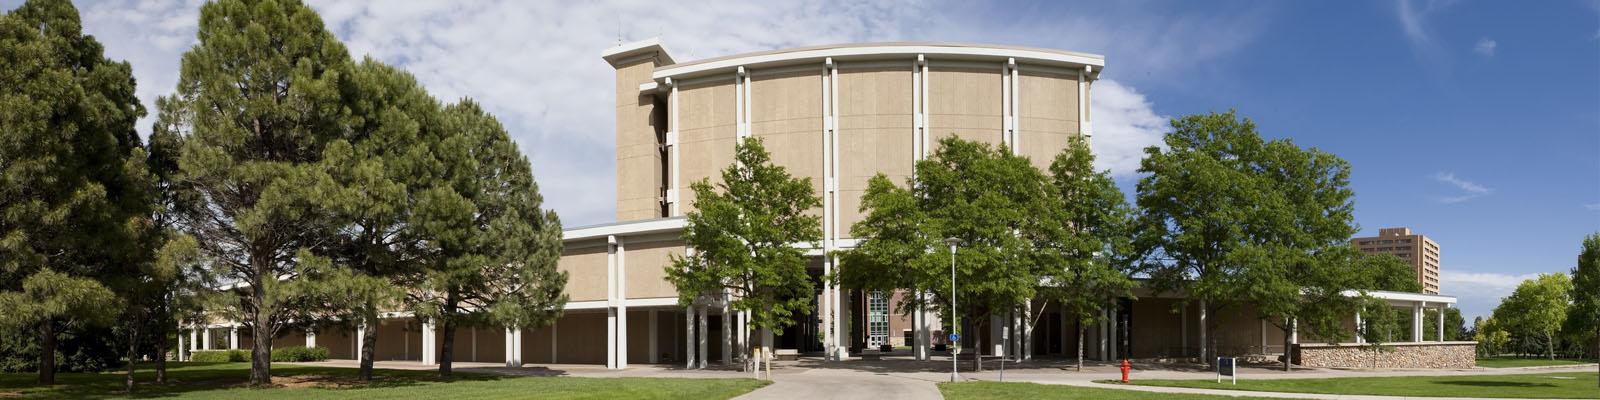 McKee Hall on UNC Campus